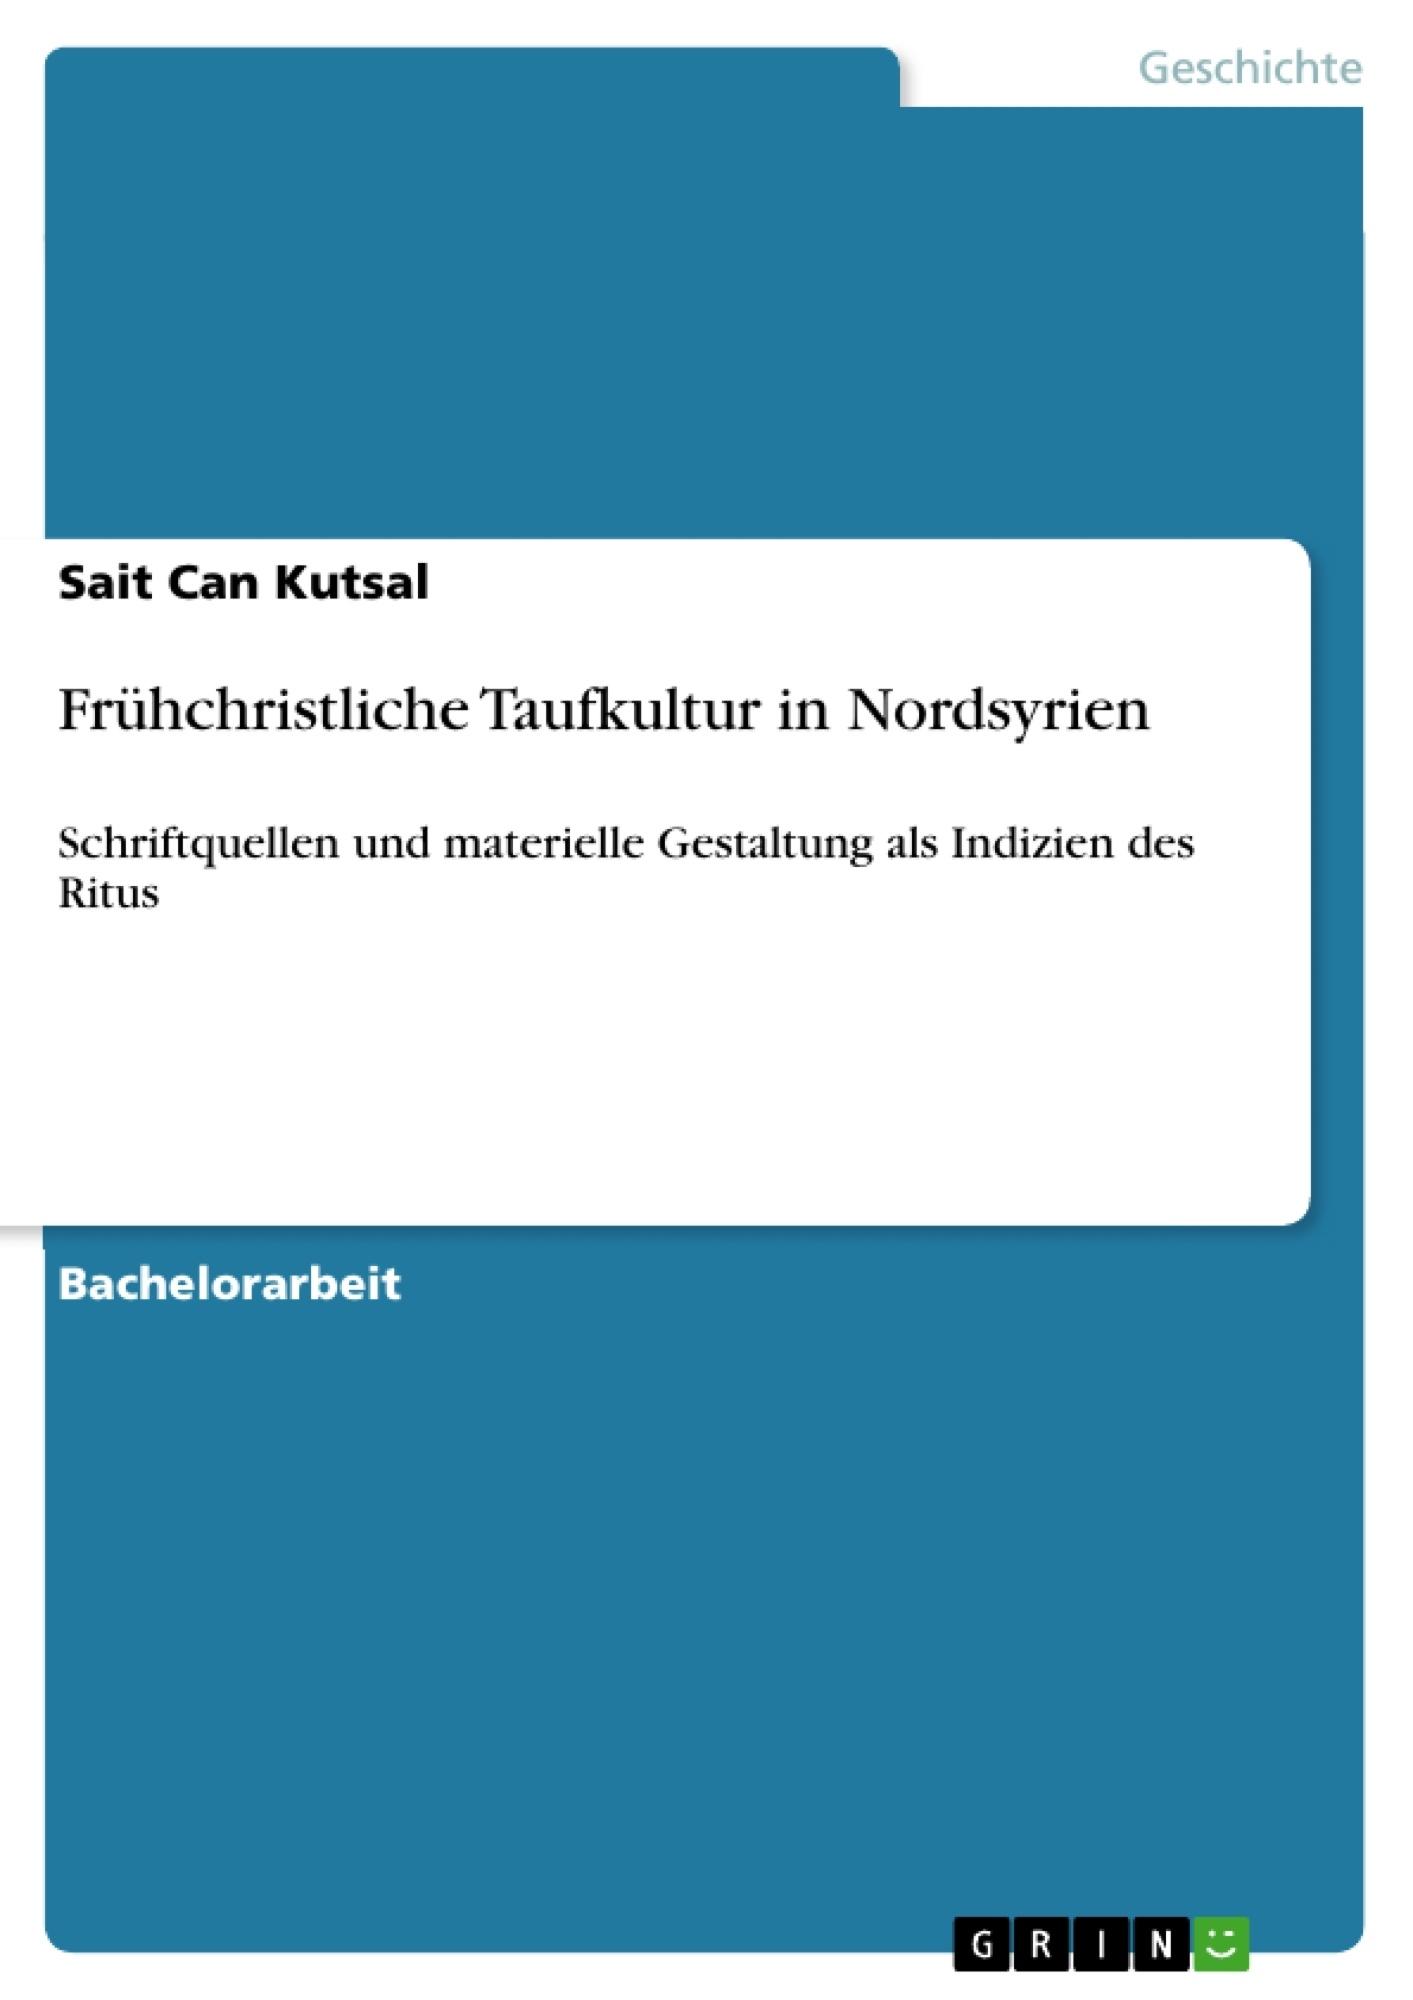 Titel: Frühchristliche Taufkultur in Nordsyrien